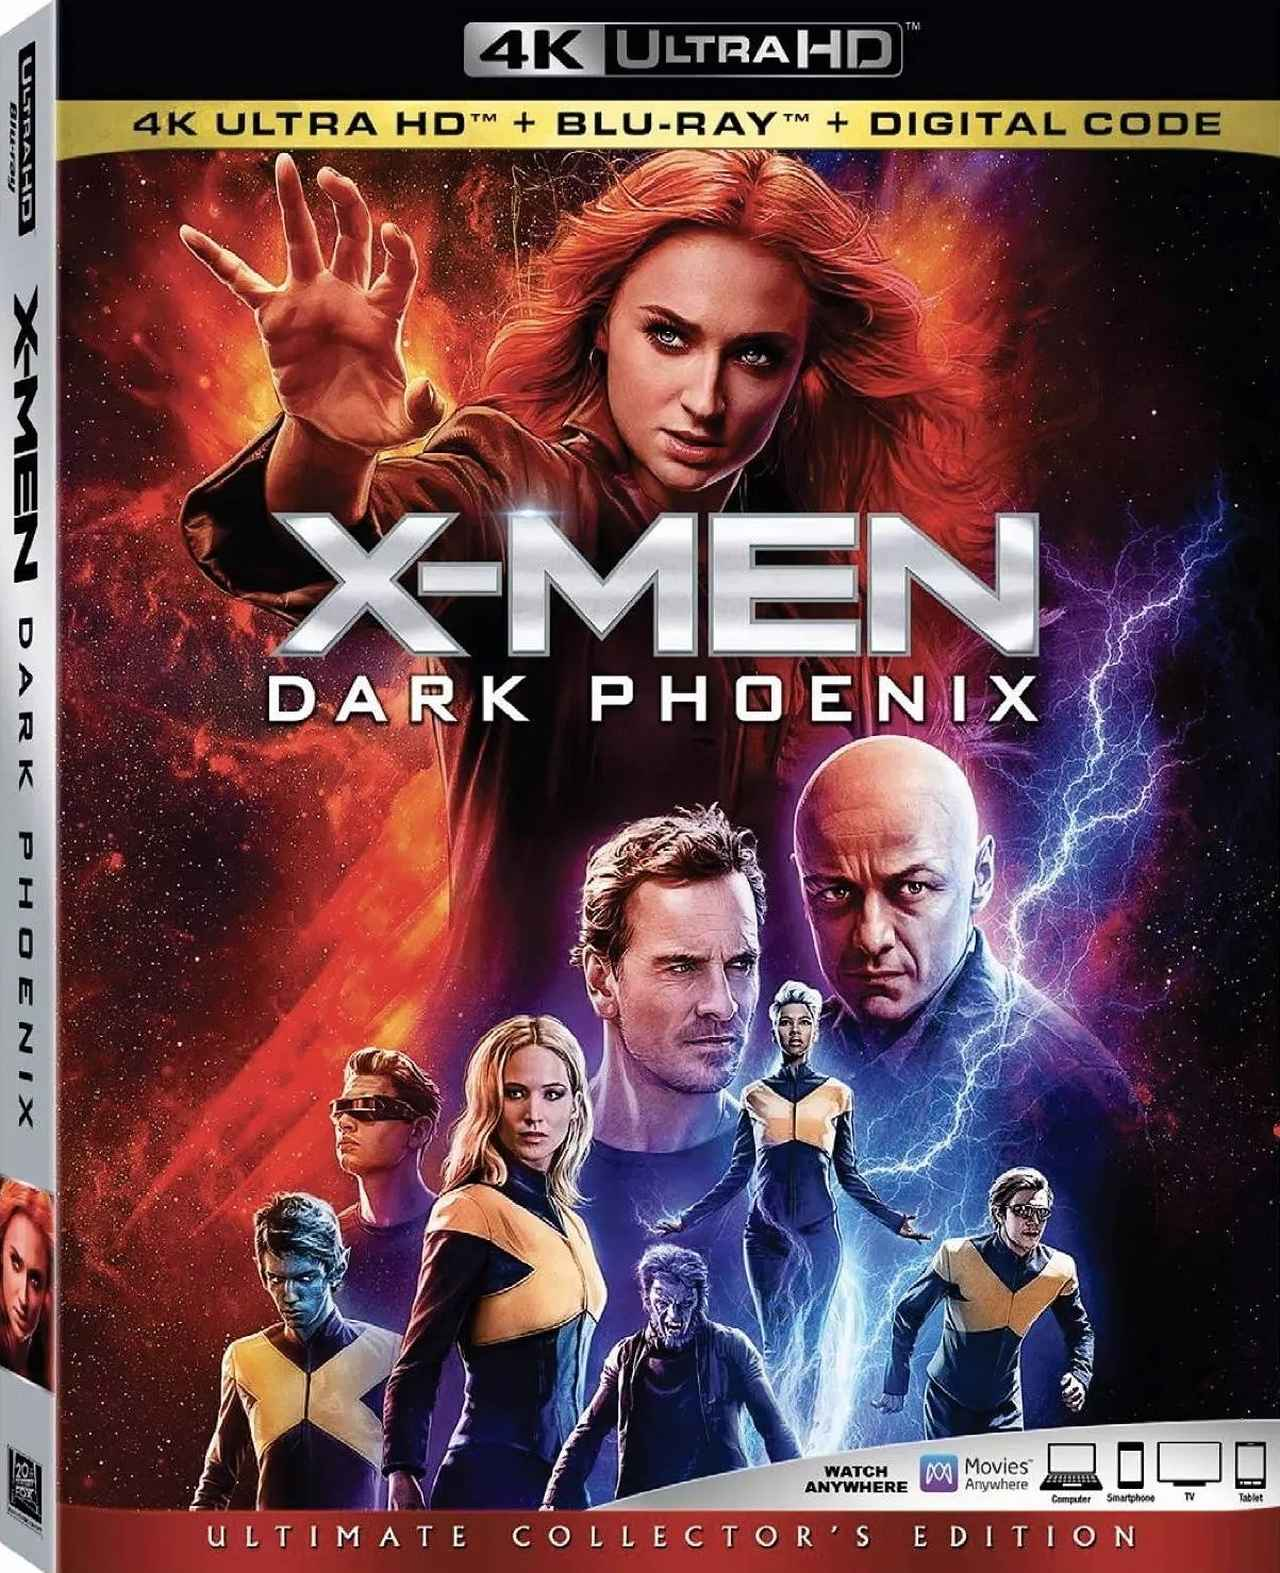 画像: 『X-MEN』シリーズ前日譚最終作『X-MEN:ダーク・フェニックス』【海外盤Blu-ray発売情報】